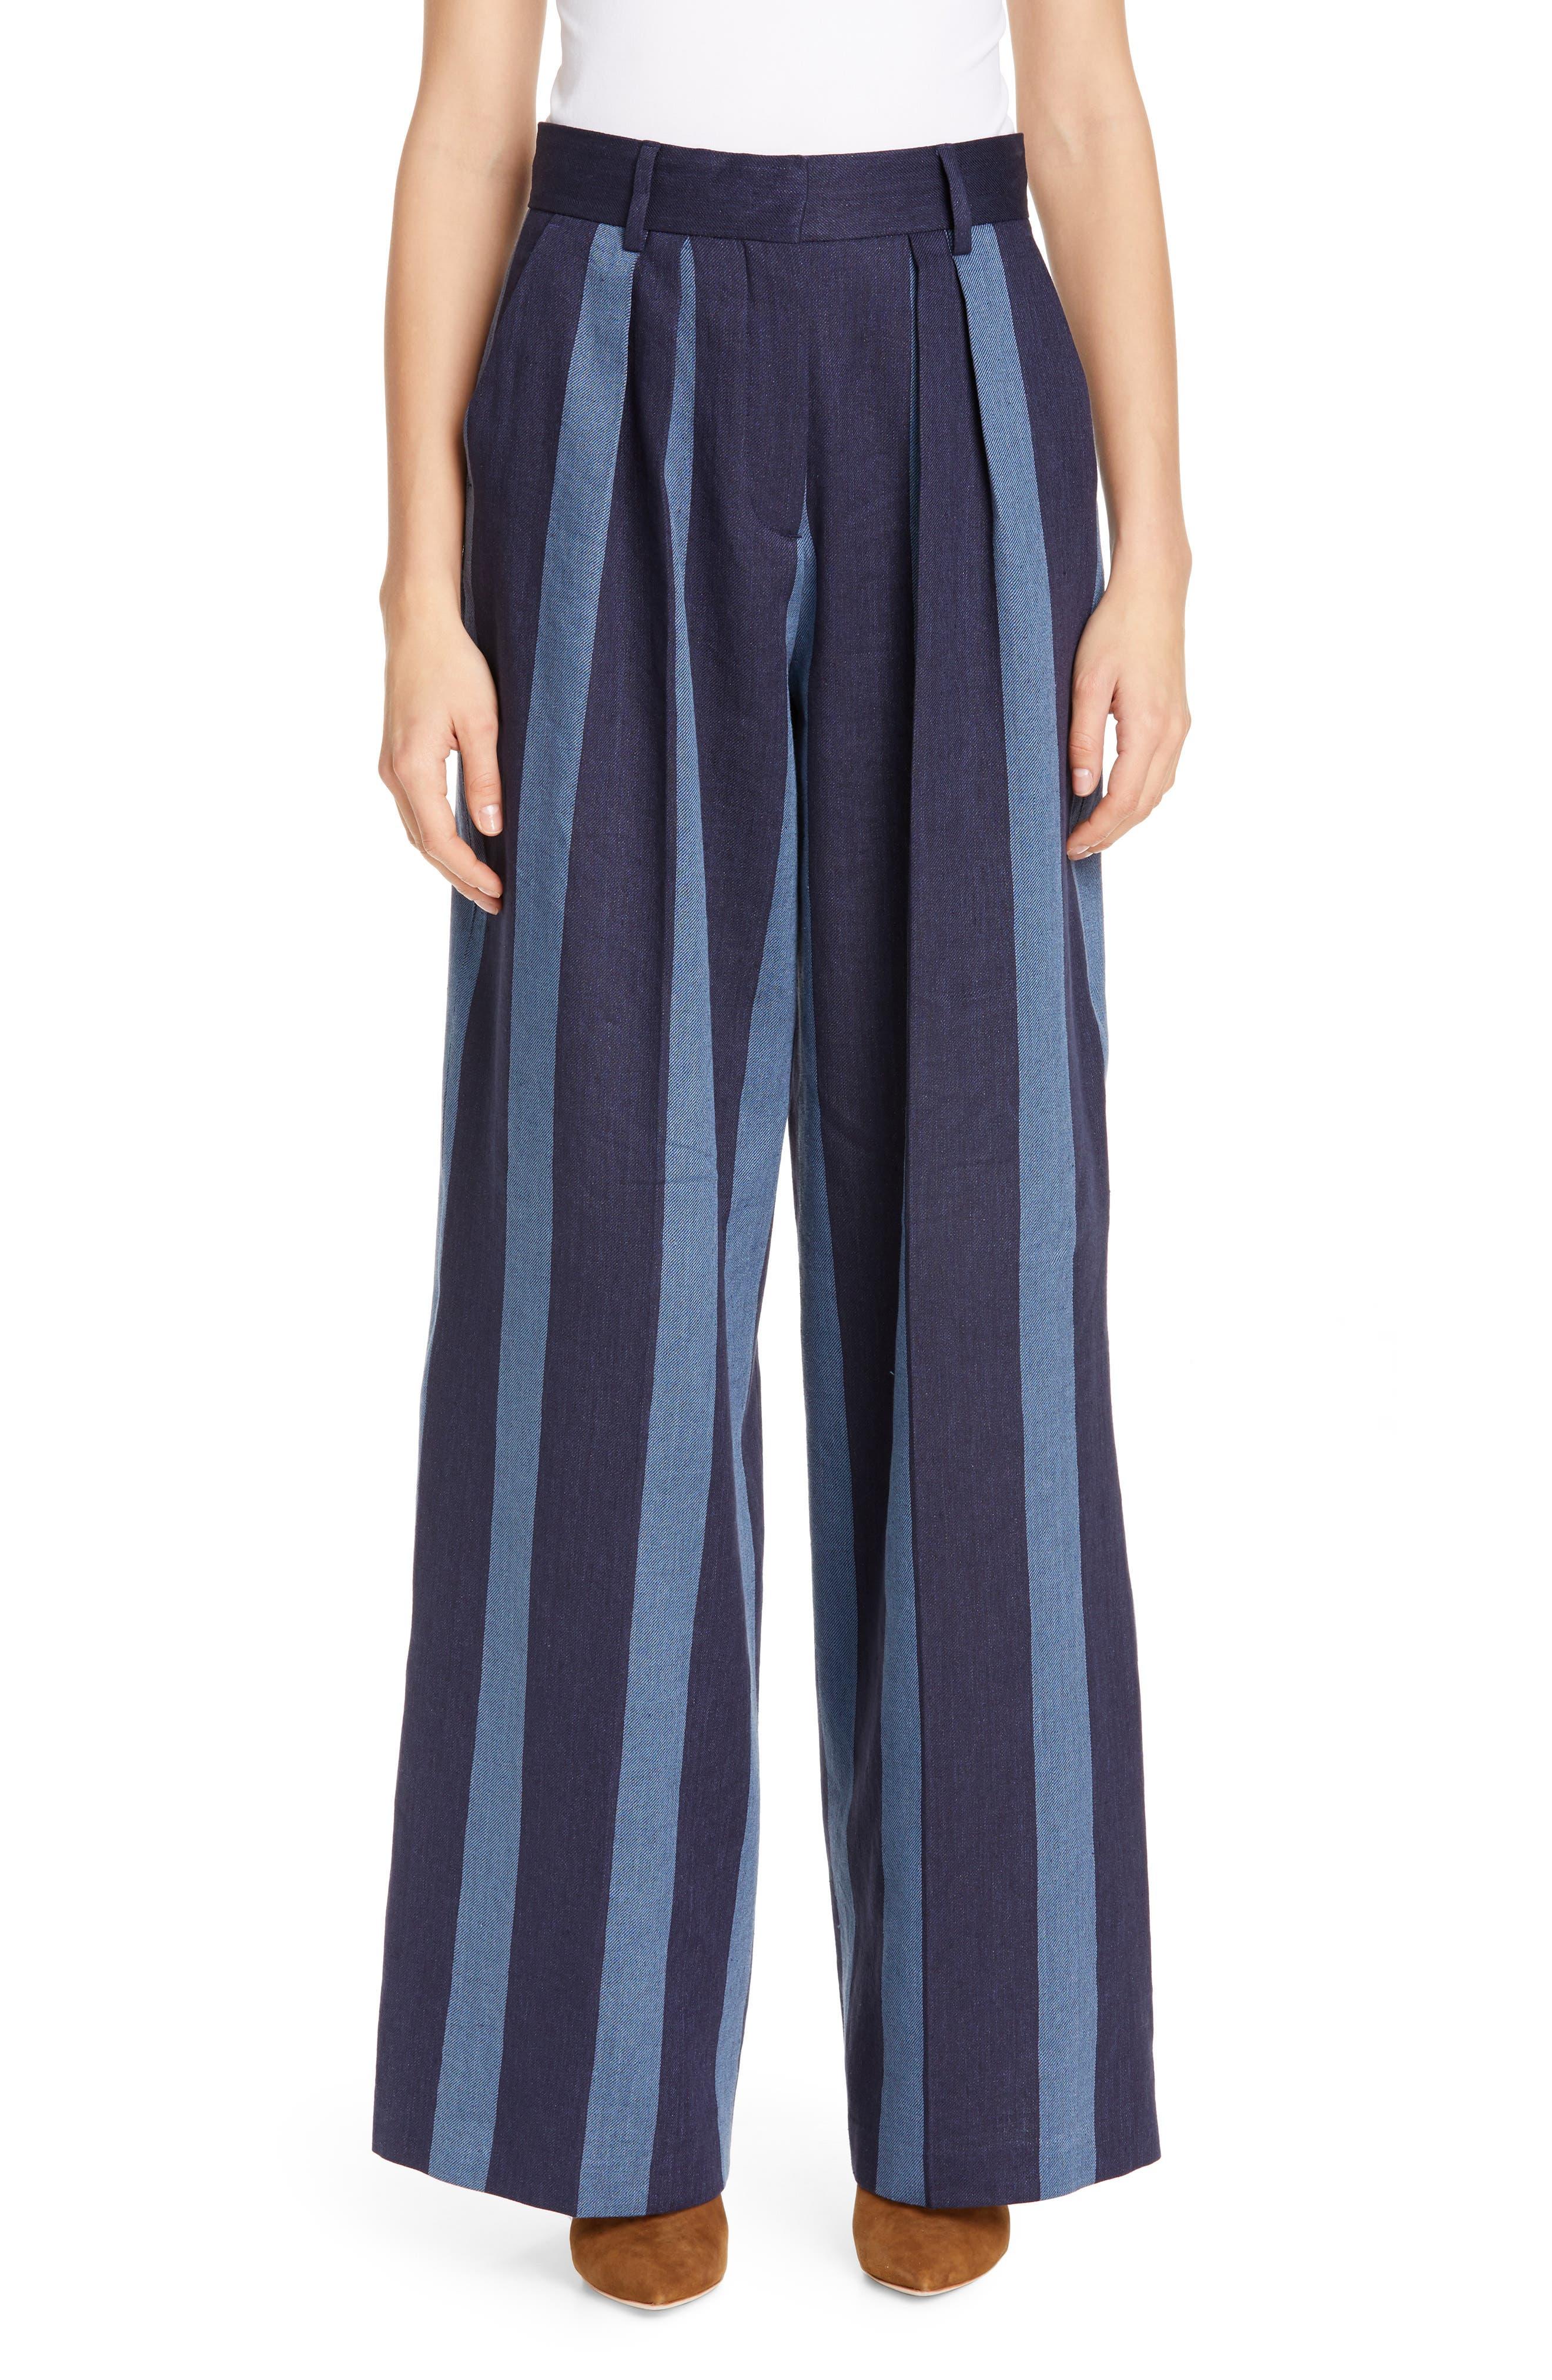 TOMMY X ZENDAYA, Stripe Denim Pants, Main thumbnail 1, color, STRIPED DENIM